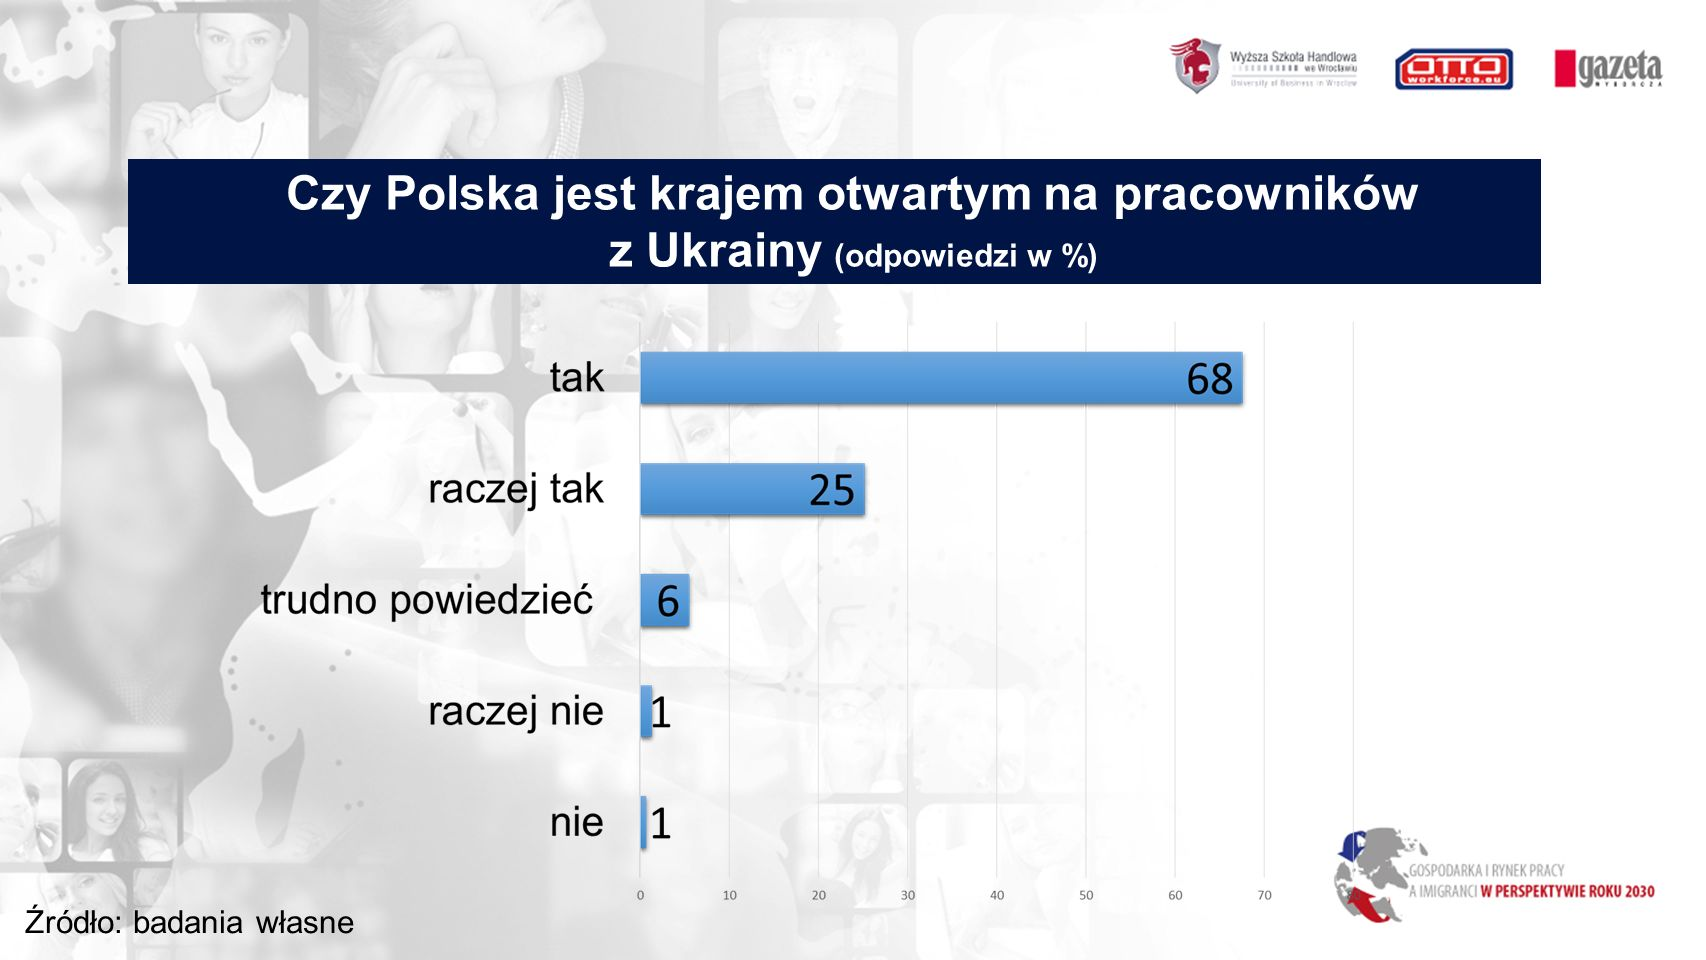 Czy Polska jest krajem otwartym na pracowników z Ukrainy (odpowiedzi w %) Źródło: badania własne